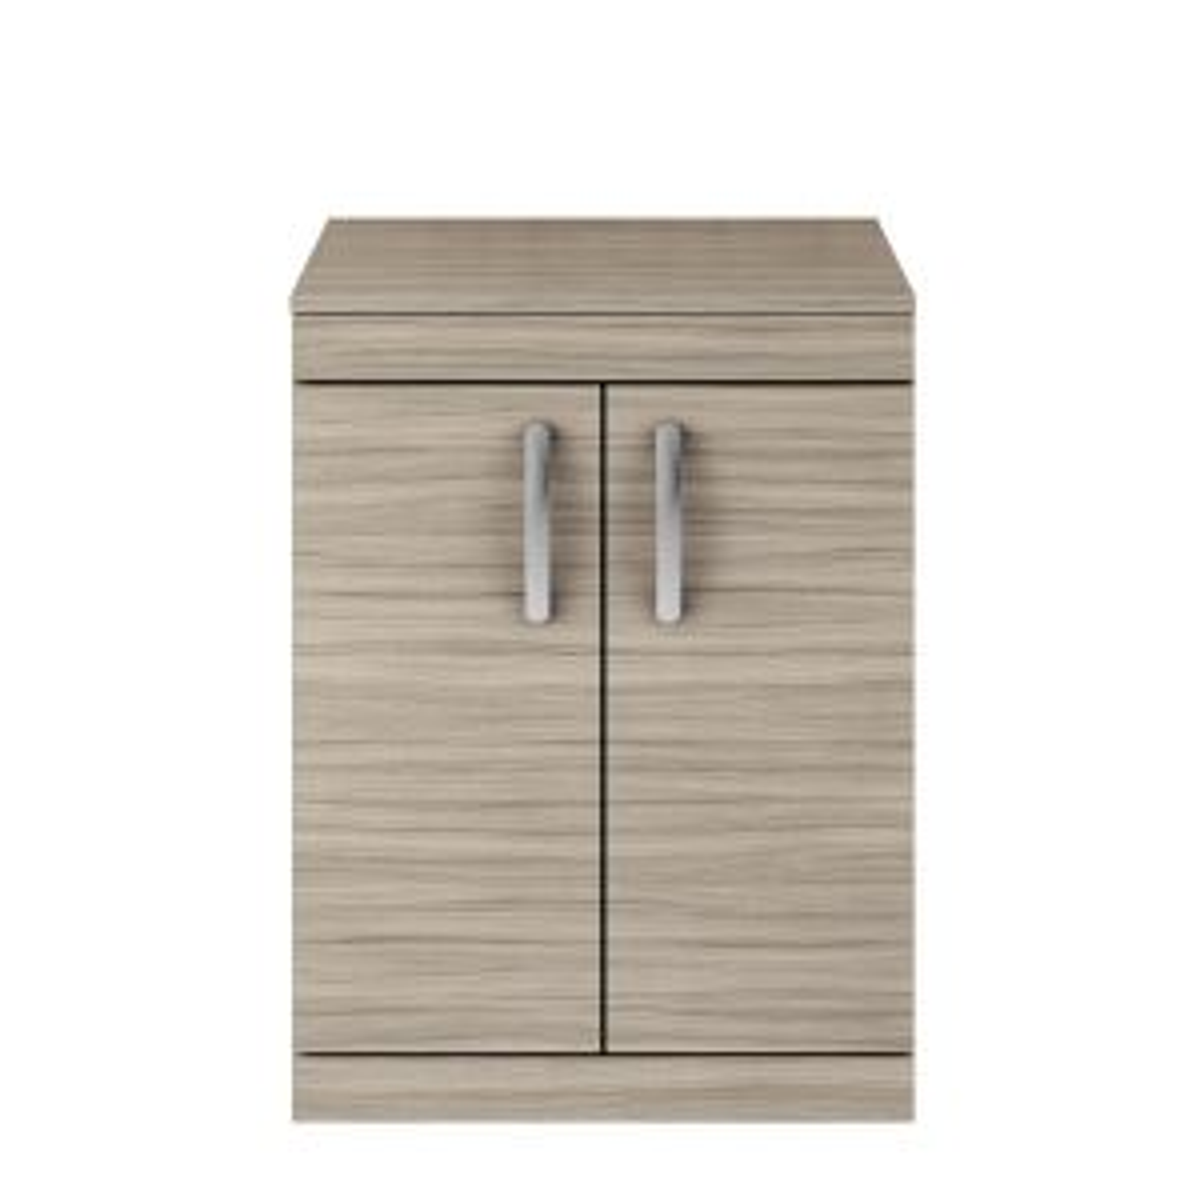 Nuie Athena Driftwood Oak 2 Door Floor Standing Vanity Unit with 18mm Worktop 500mm